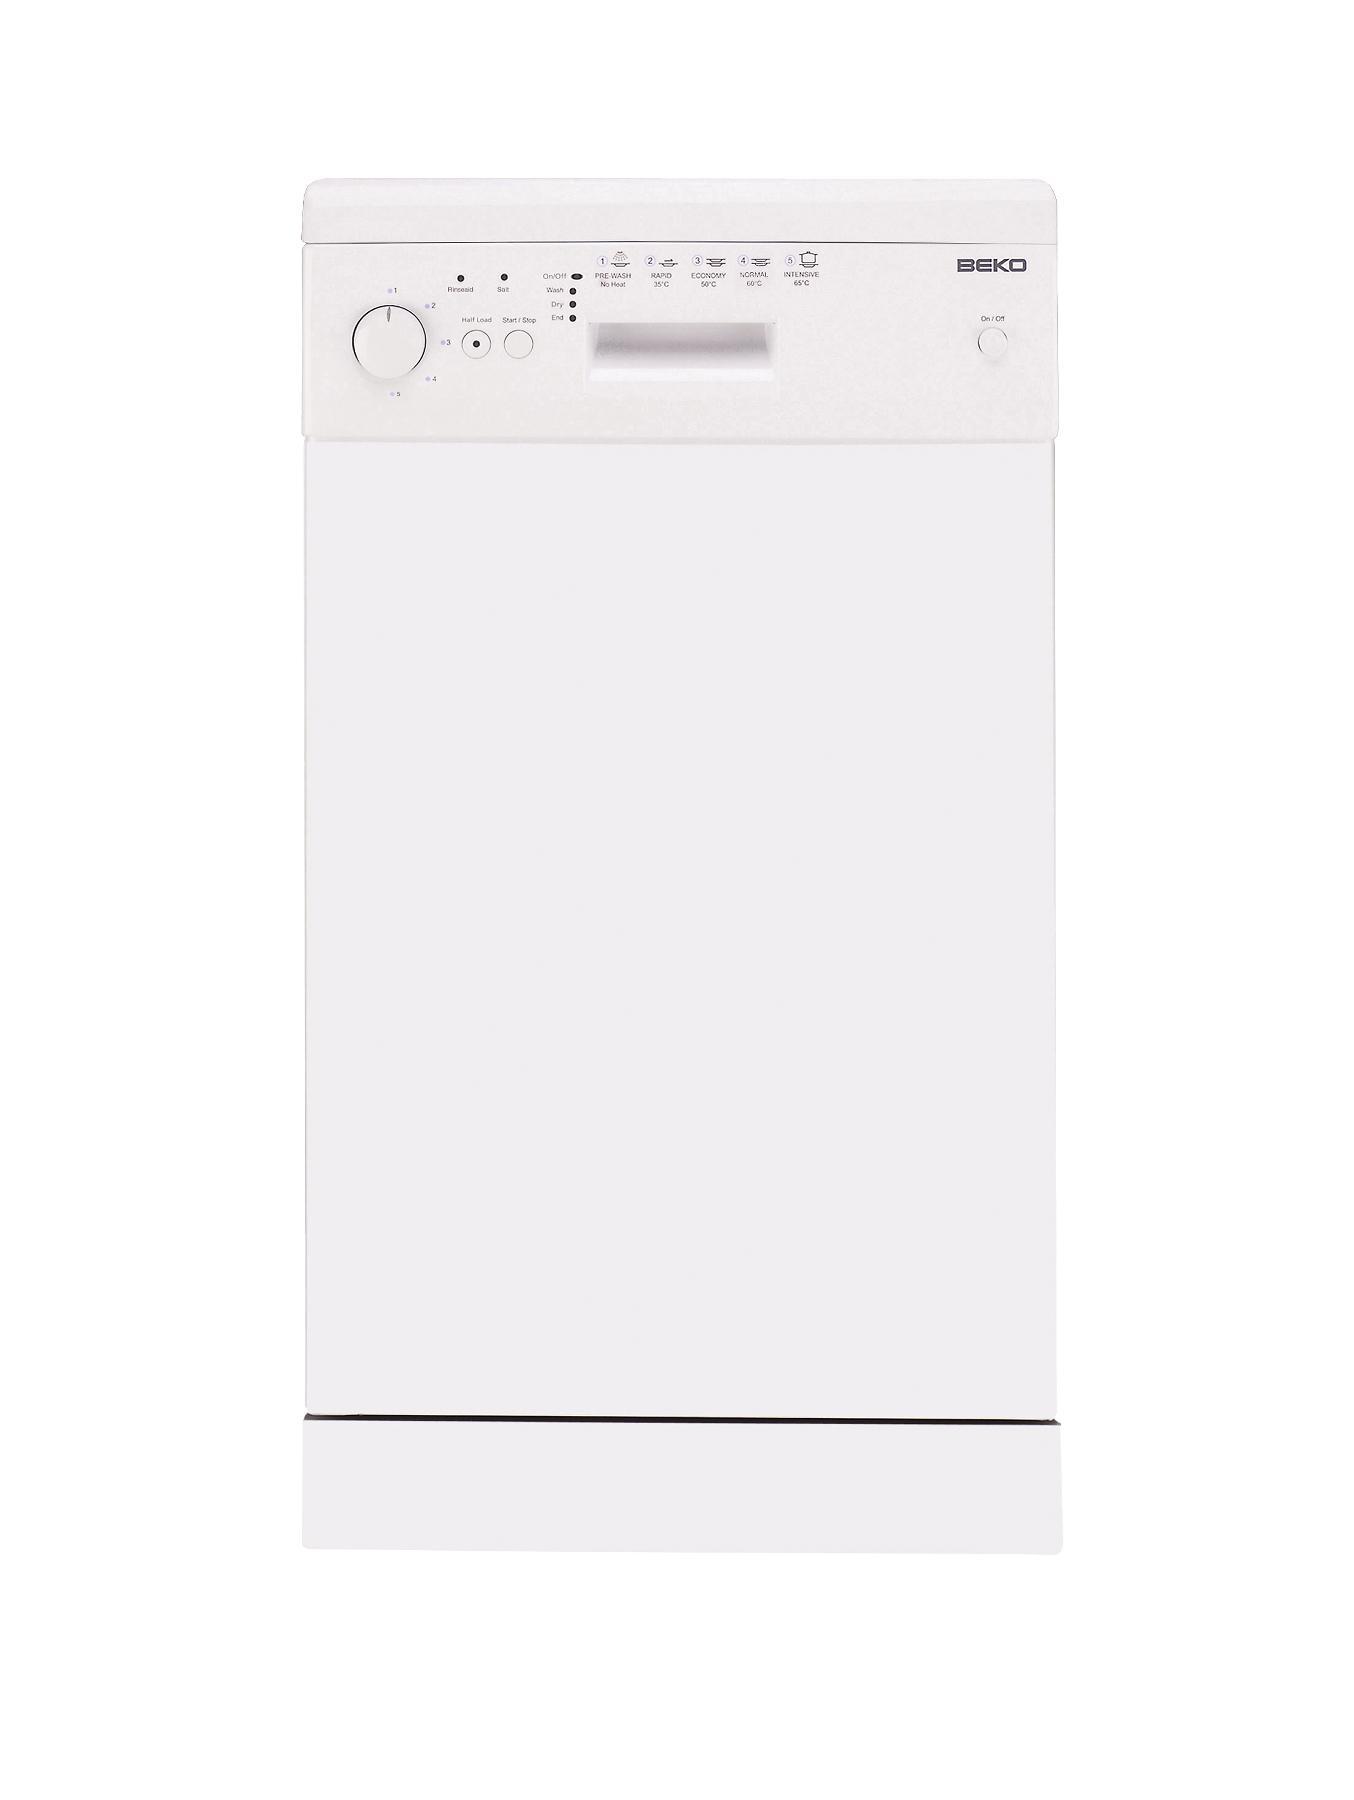 10 Place Slimline Dishwasher - White